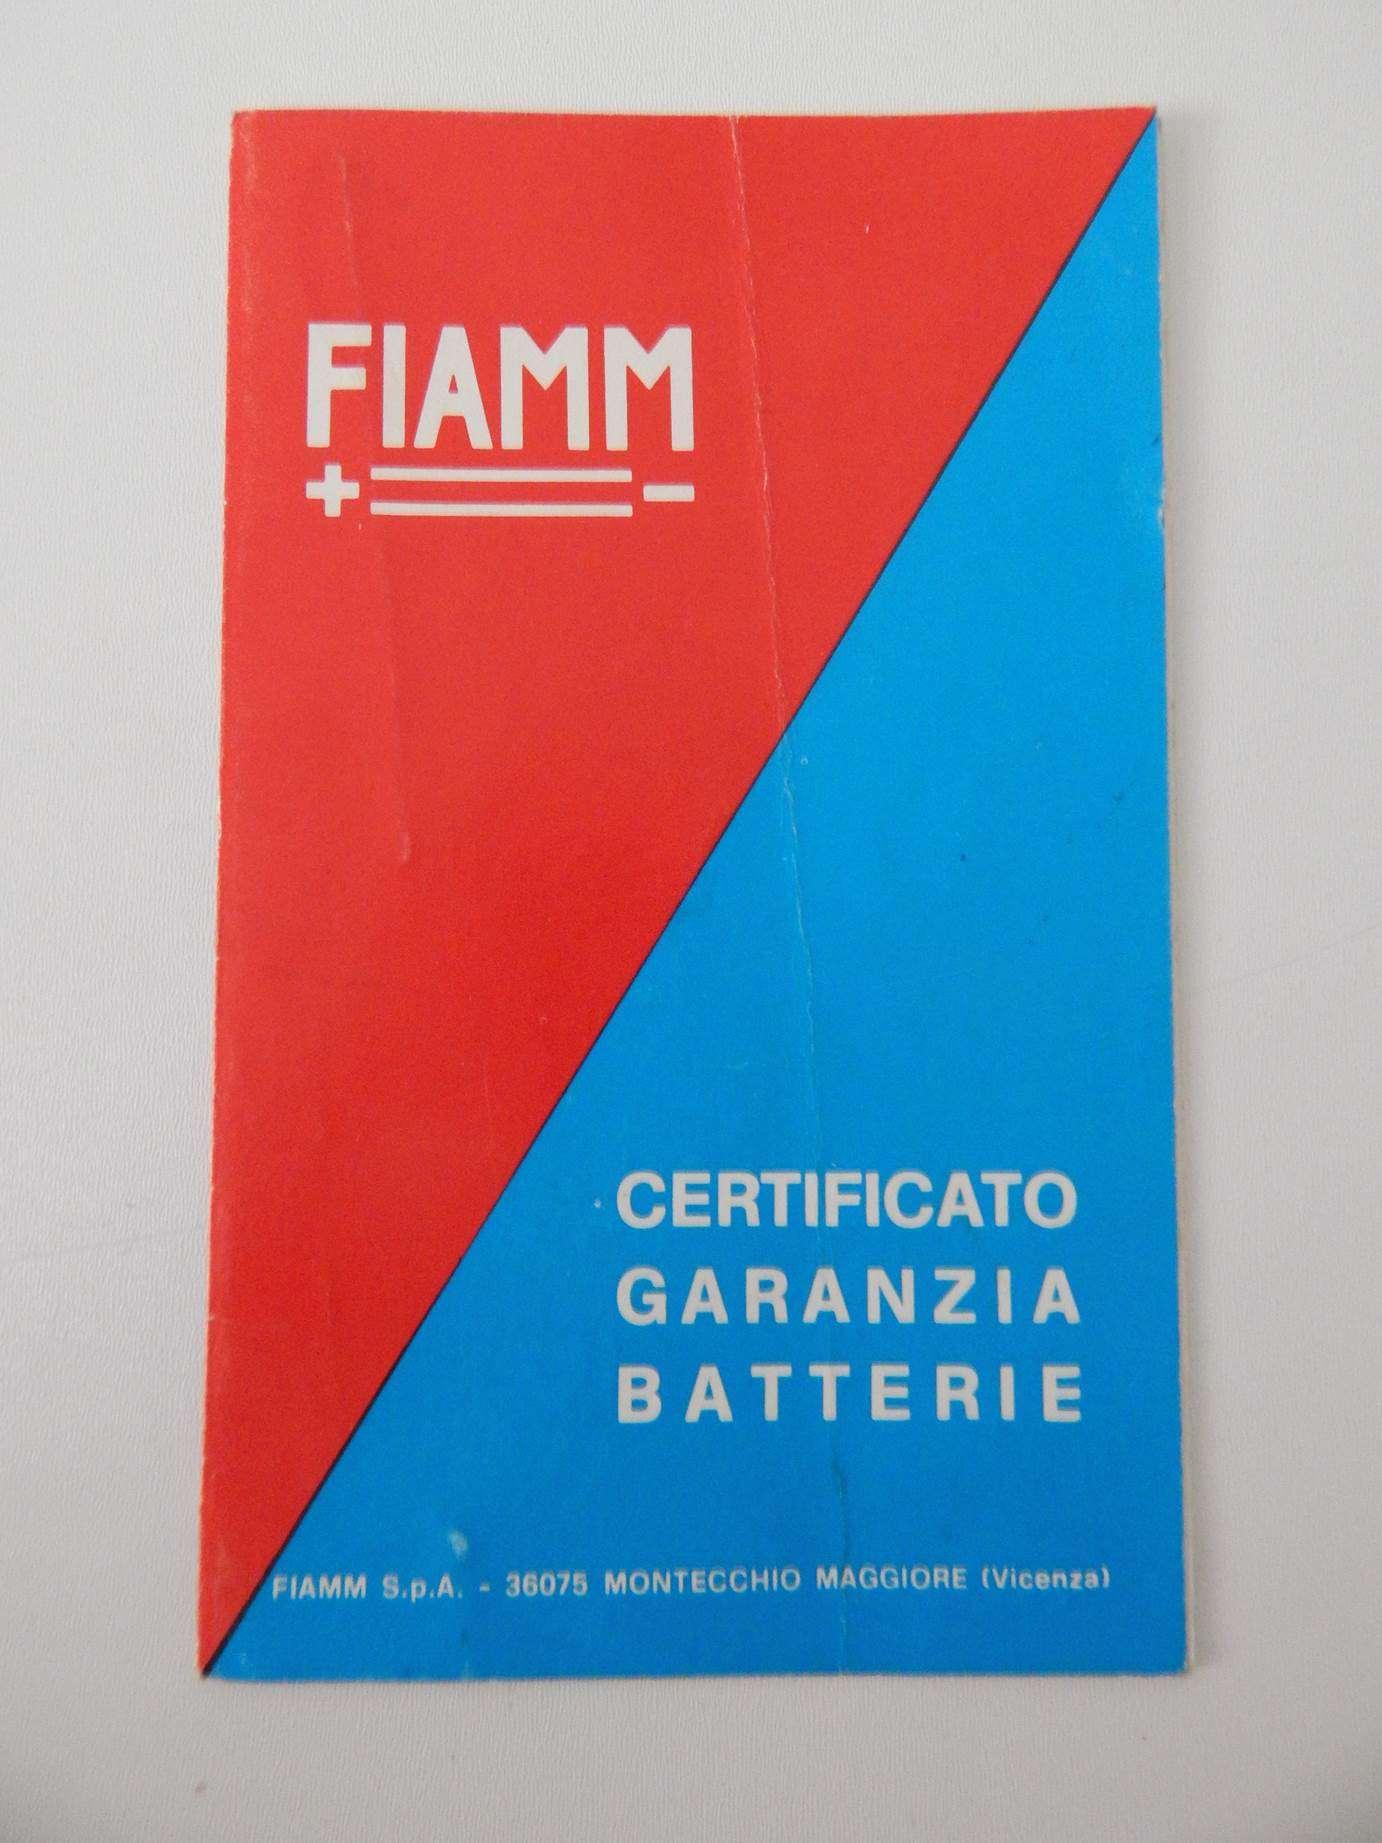 Fiamm Battery Guarantee Warranty Card